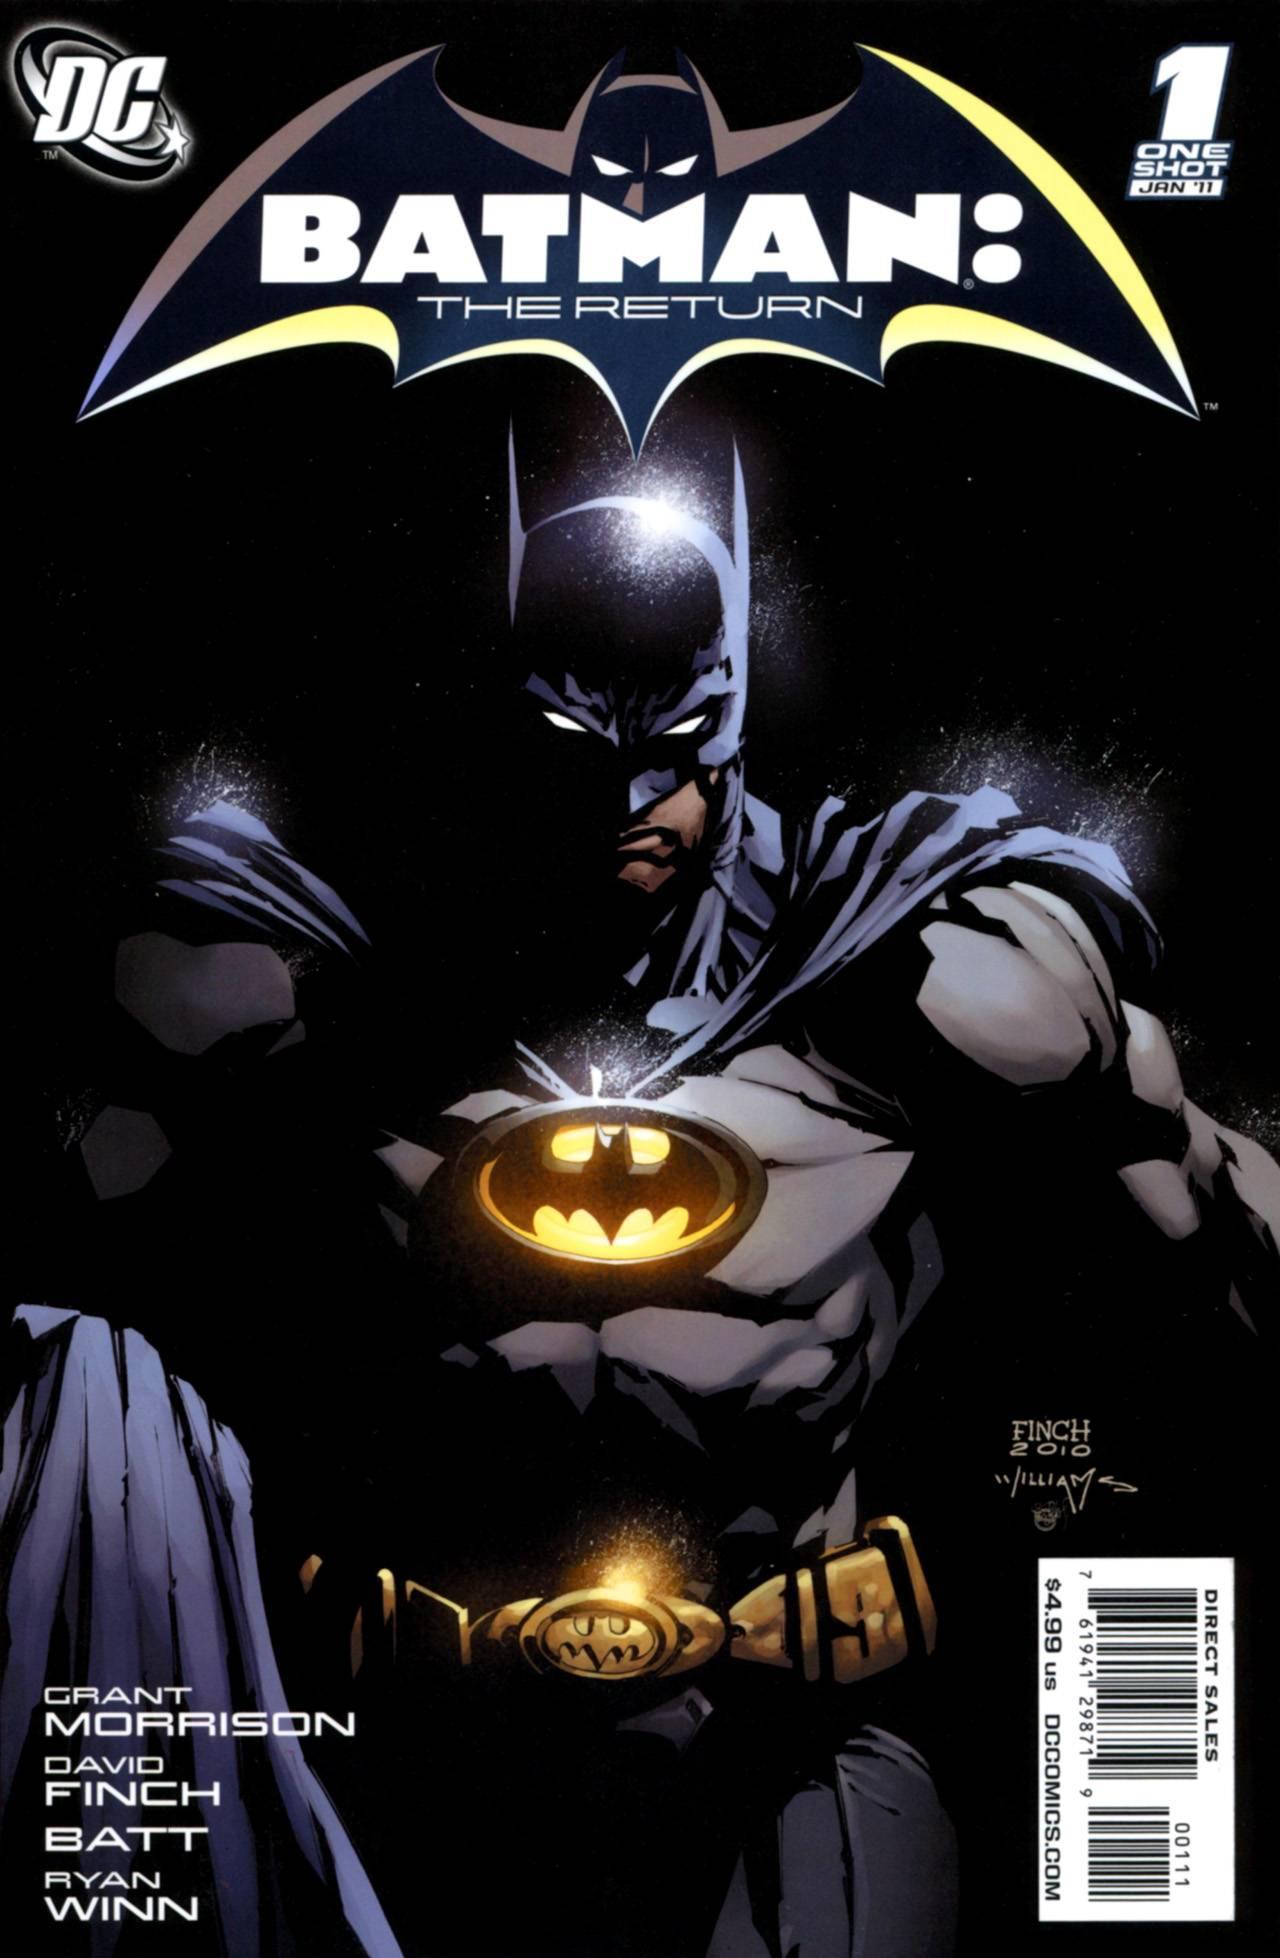 BatmanReturn